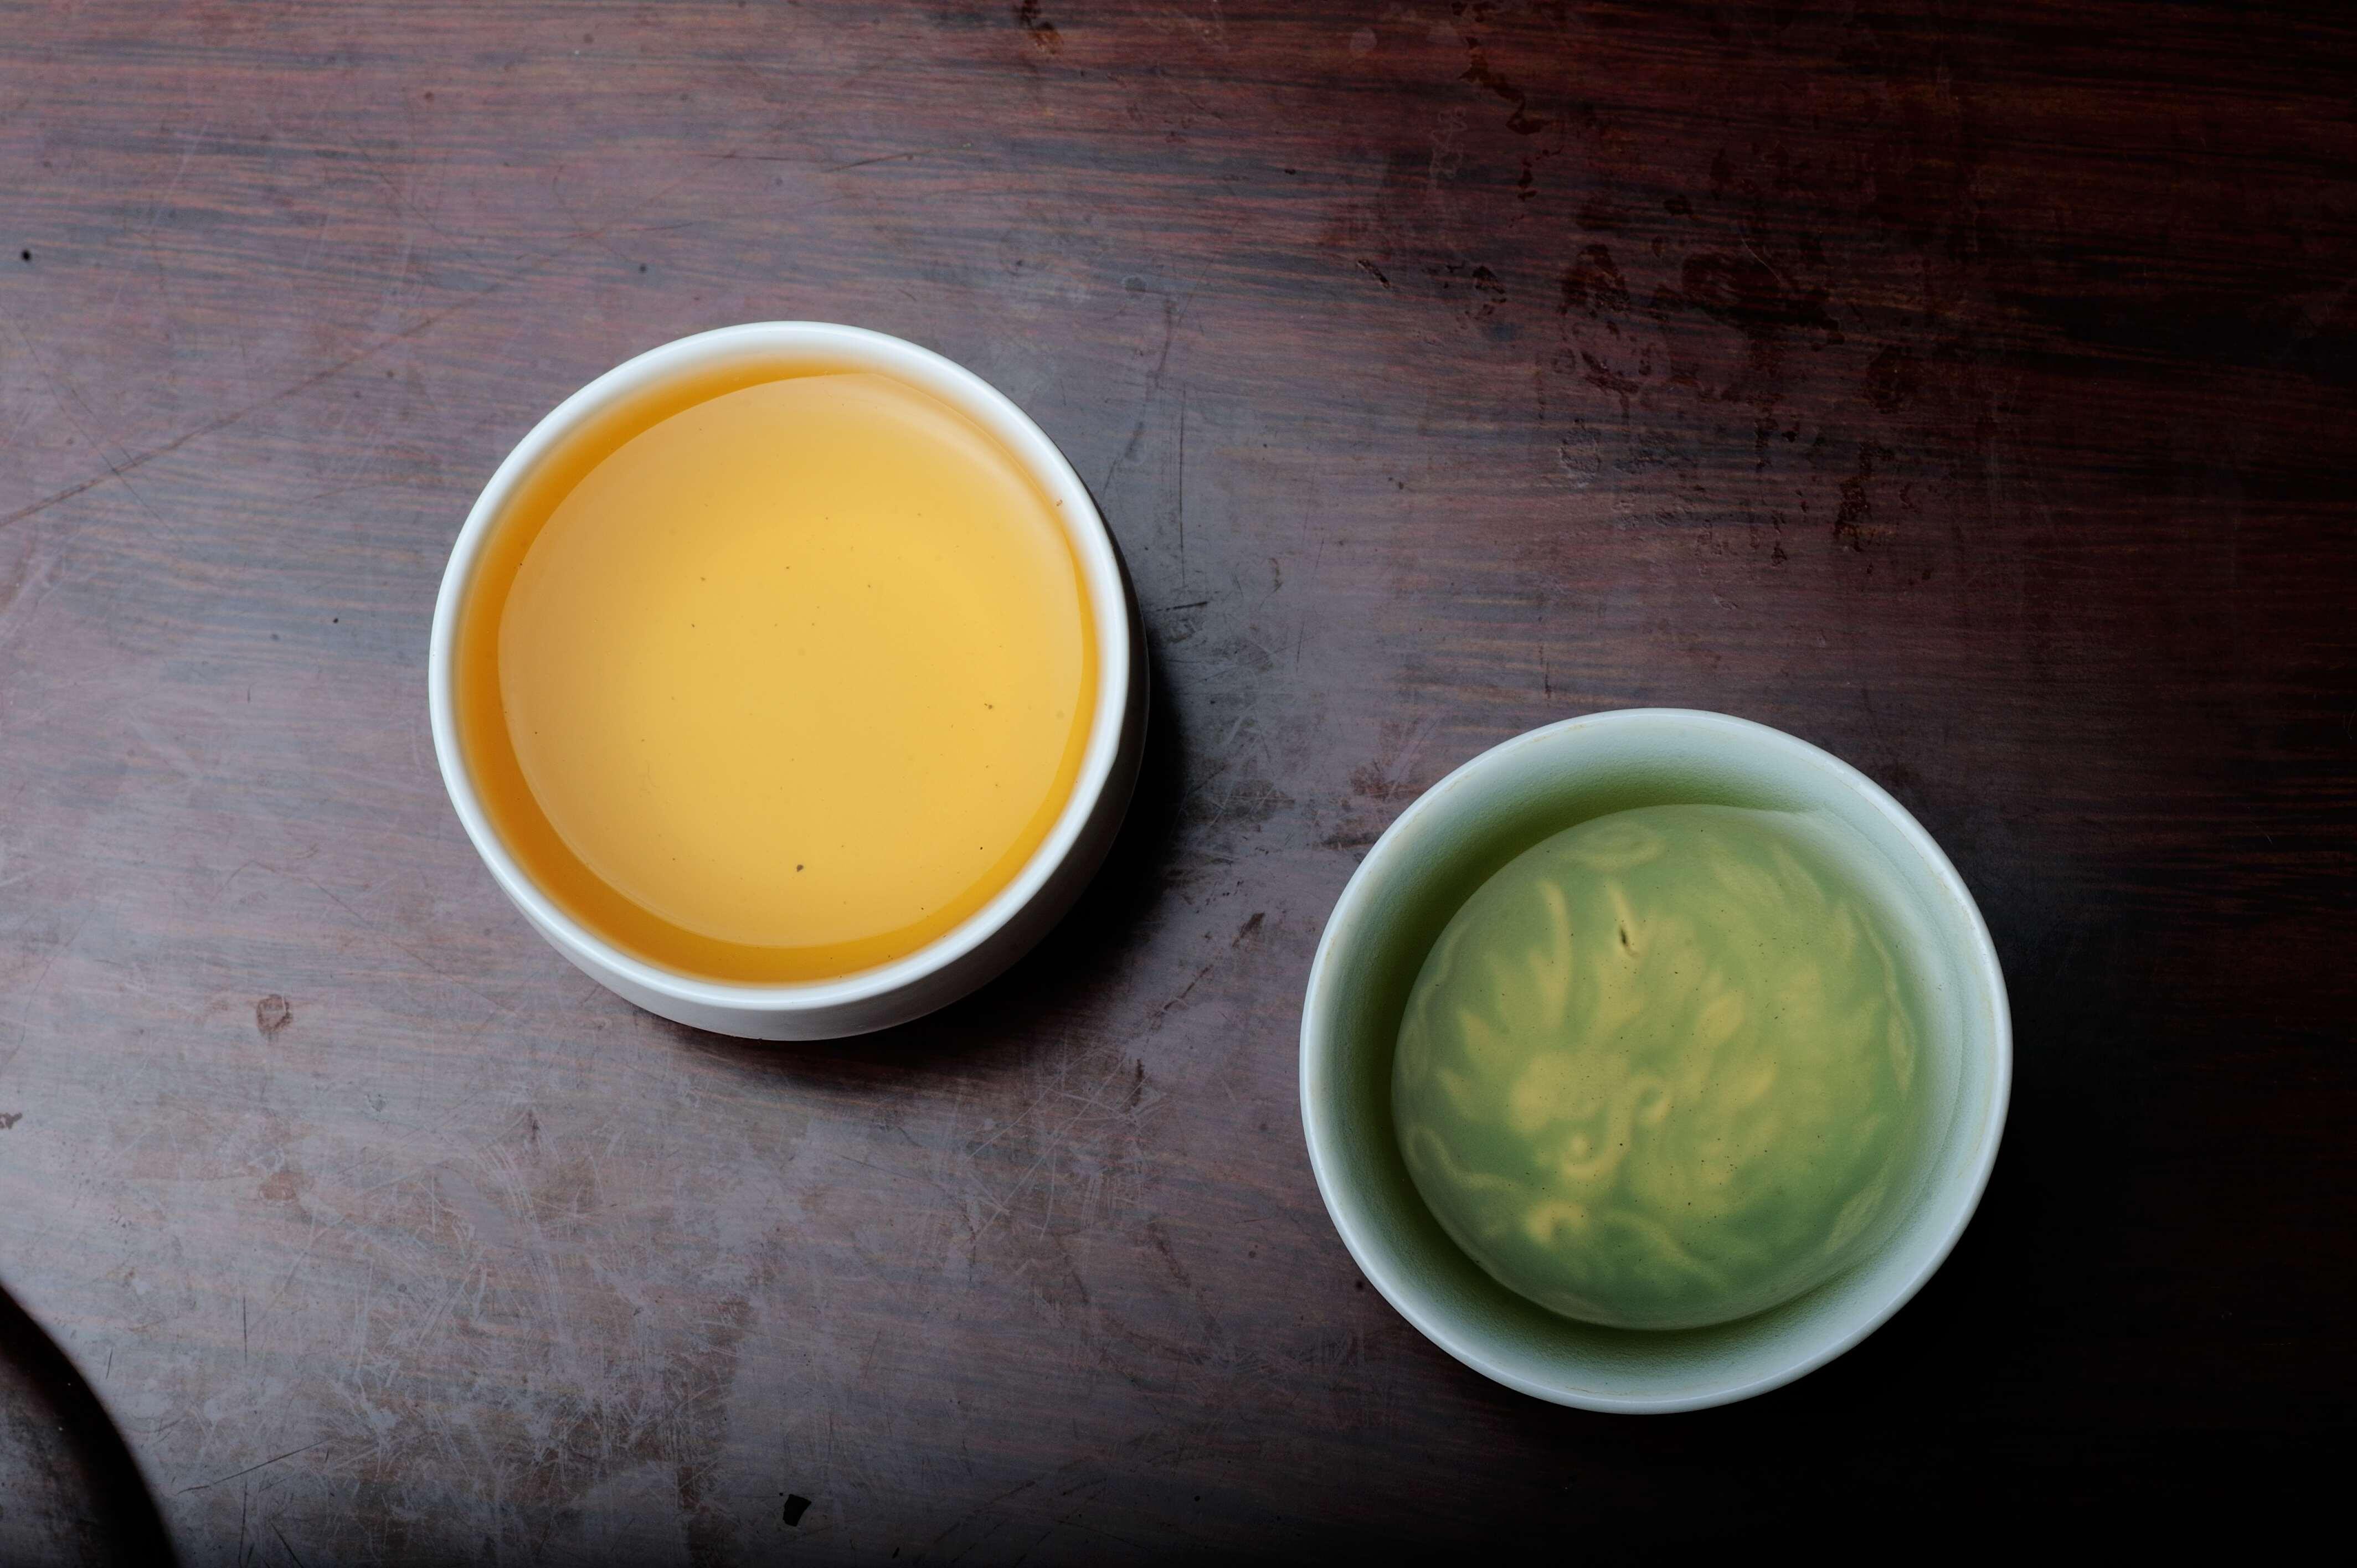 丁香茶能缓解口臭,4种茶的保健功效各异